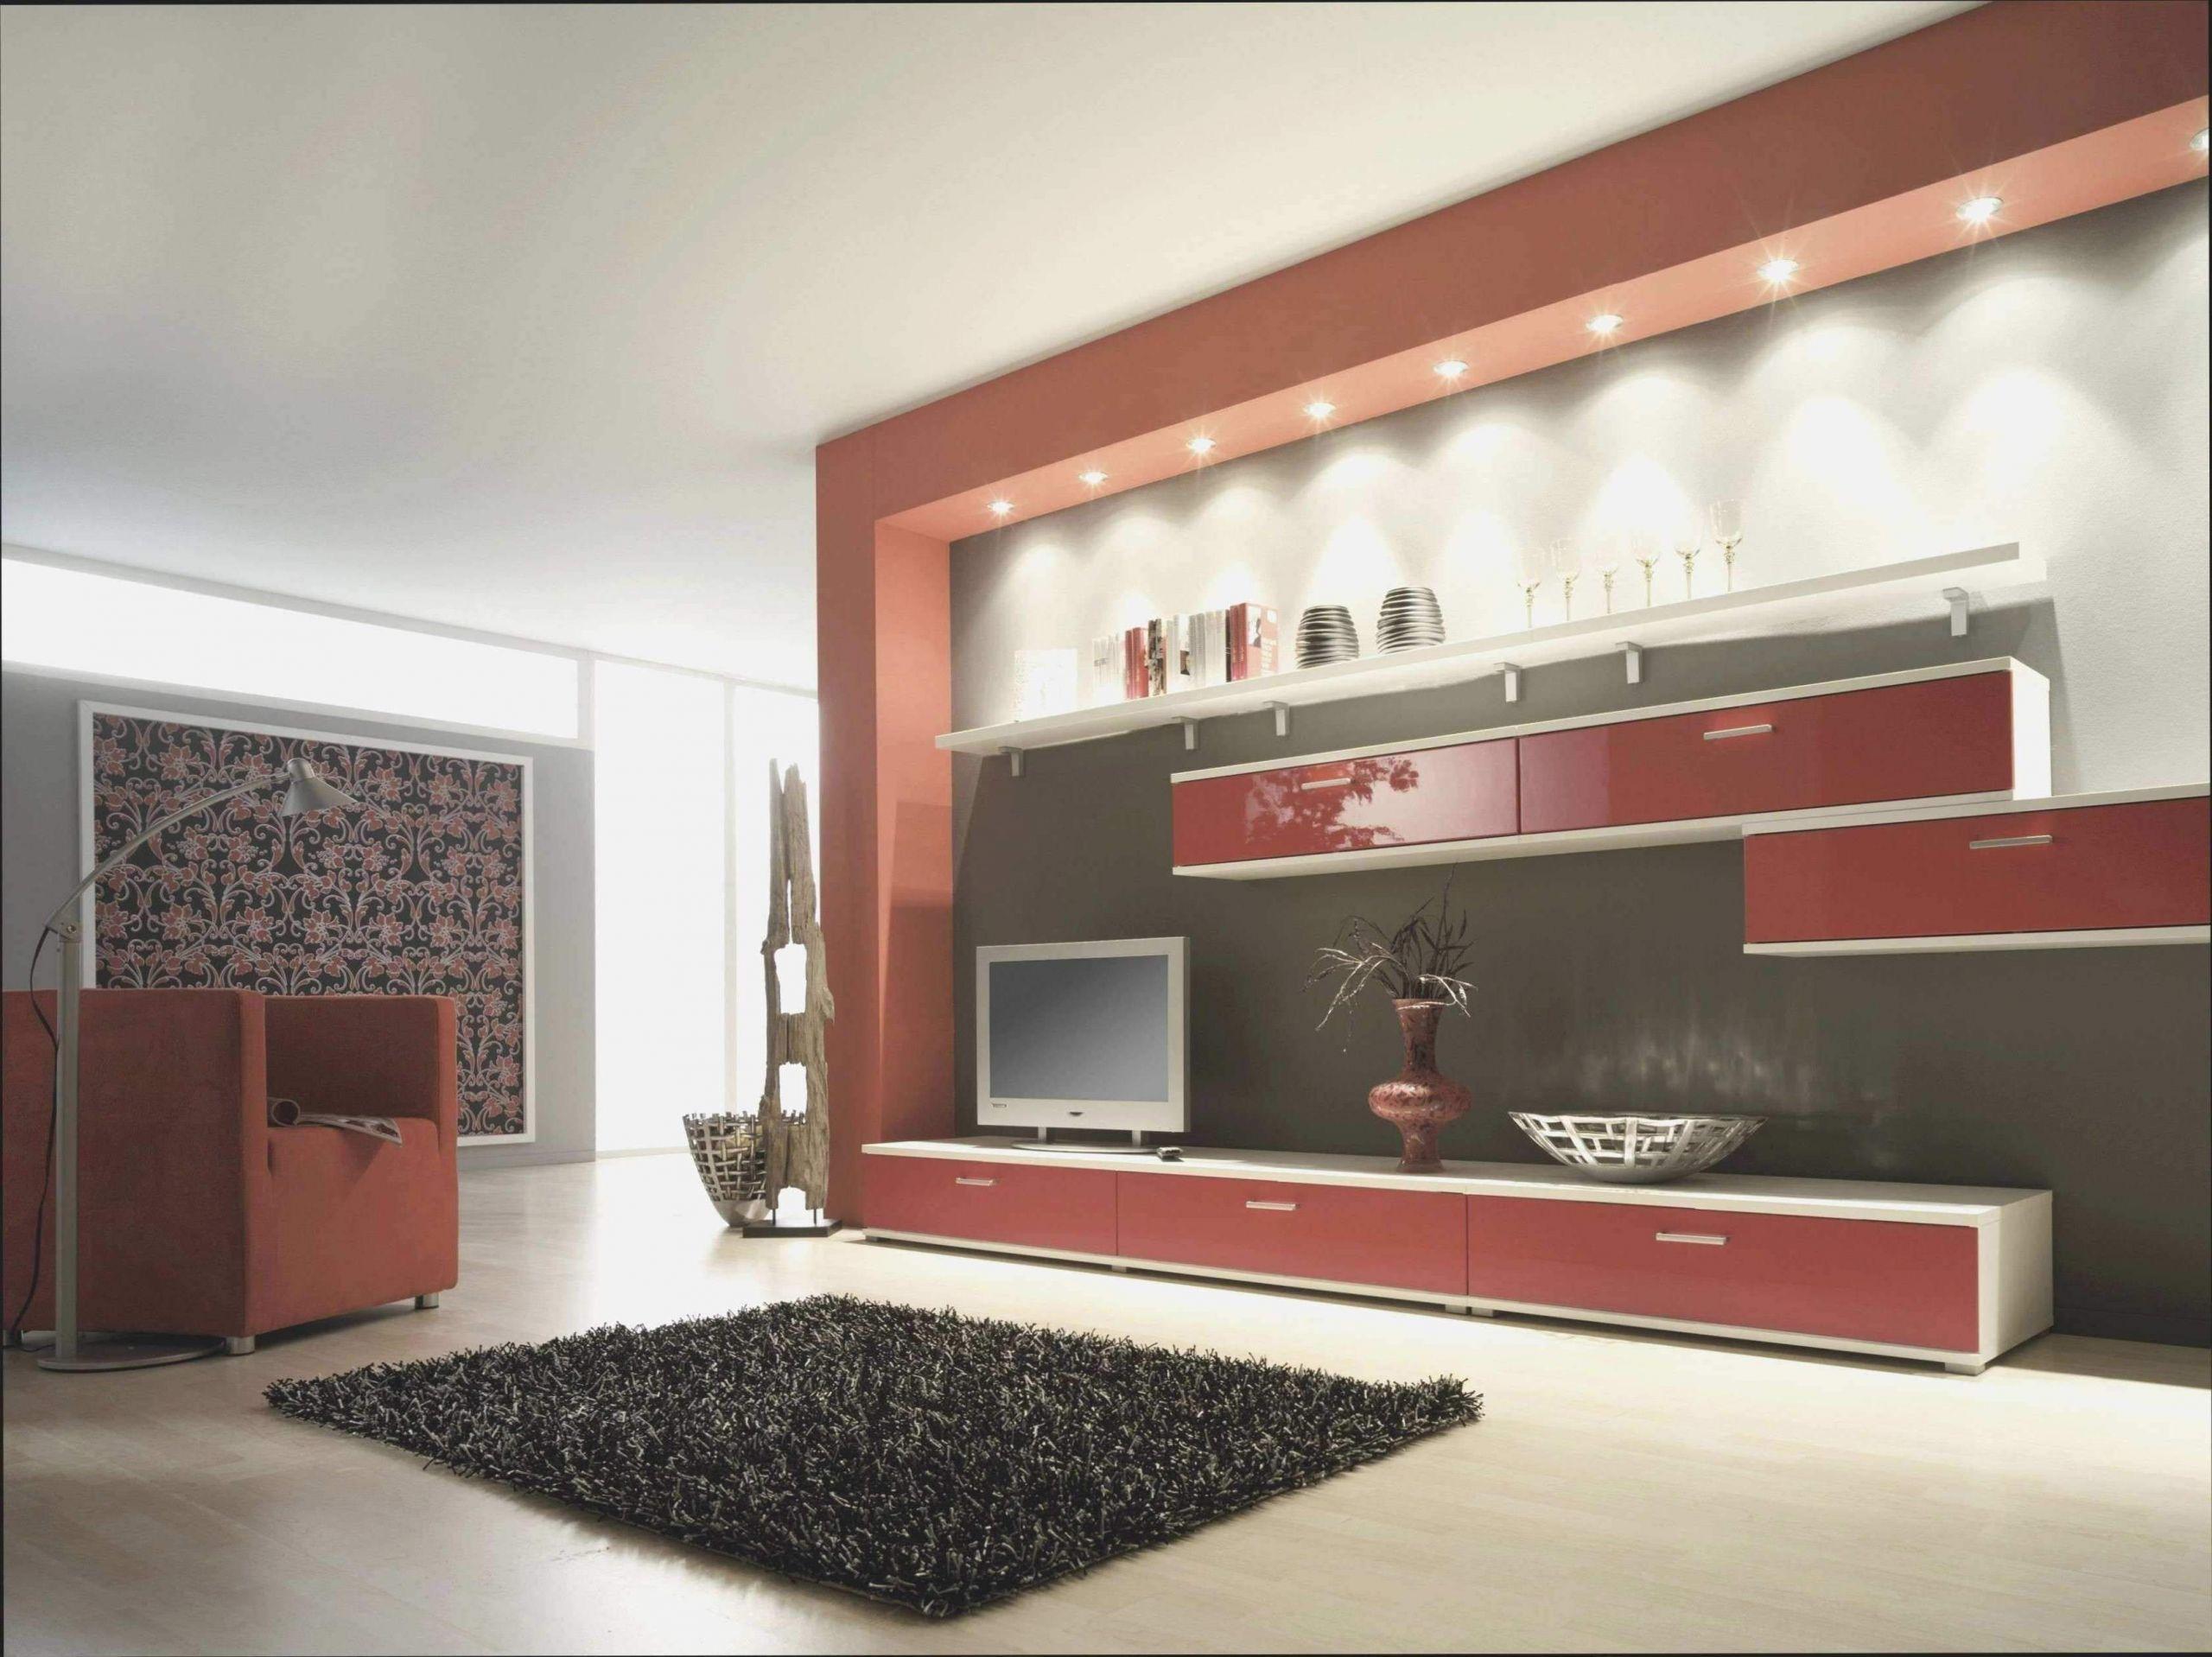 Deko Ideen Für Garten Schön 36 Inspirierend Ideen Für Wohnzimmer Genial